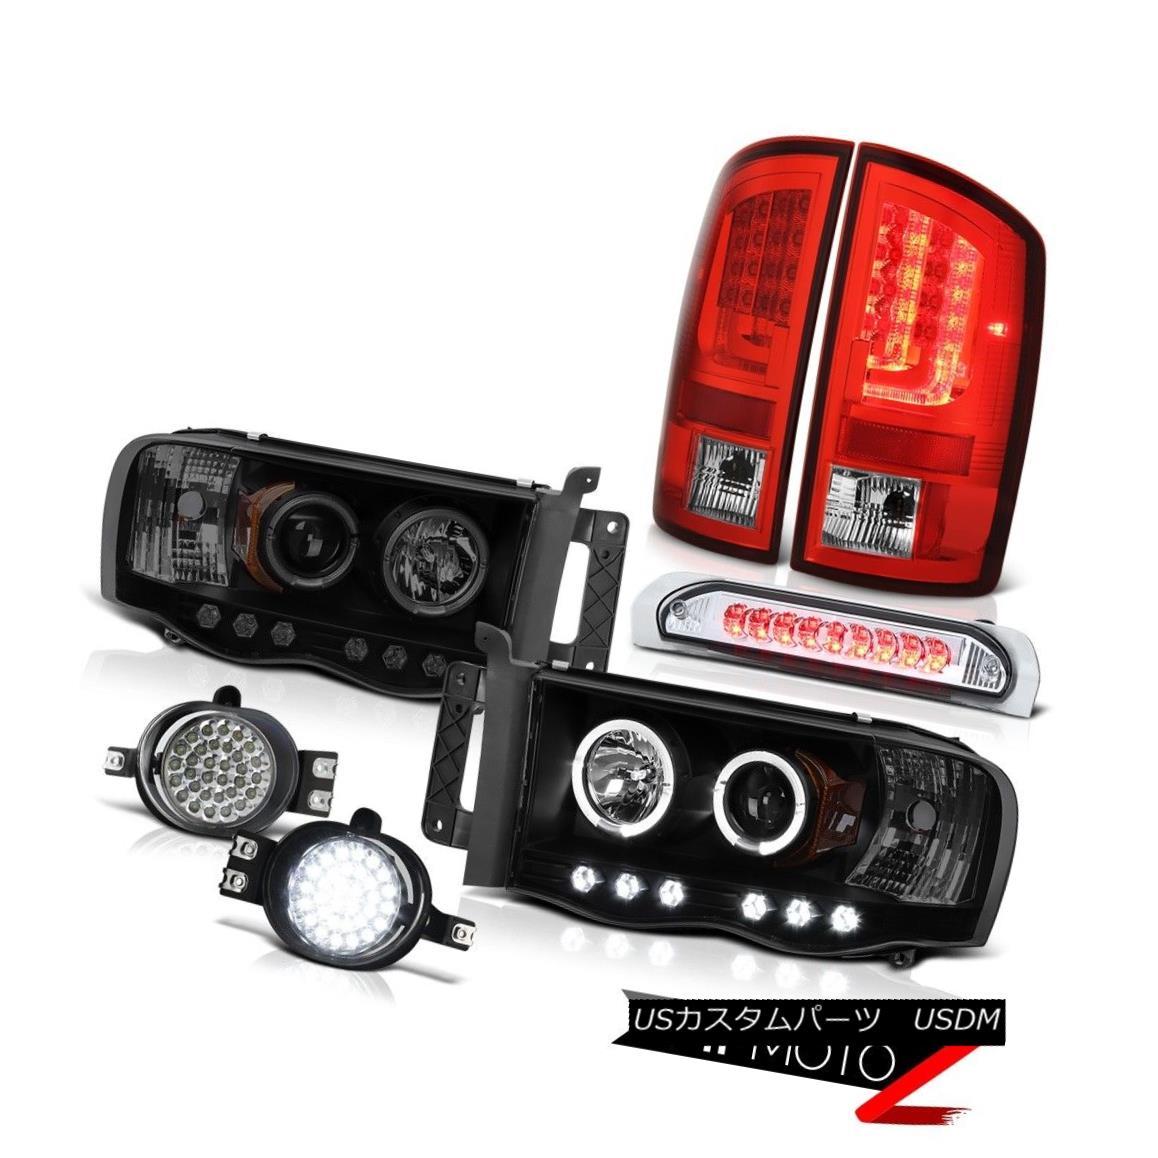 テールライト 02-05 Dodge Ram 1500 2500 ST Taillights Headlamps Foglamps 3RD Brake Lamp SMD 02-05 Dodge Ram 1500 2500 STターンライトヘッドランプフォグランプ3RDブレーキランプSMD